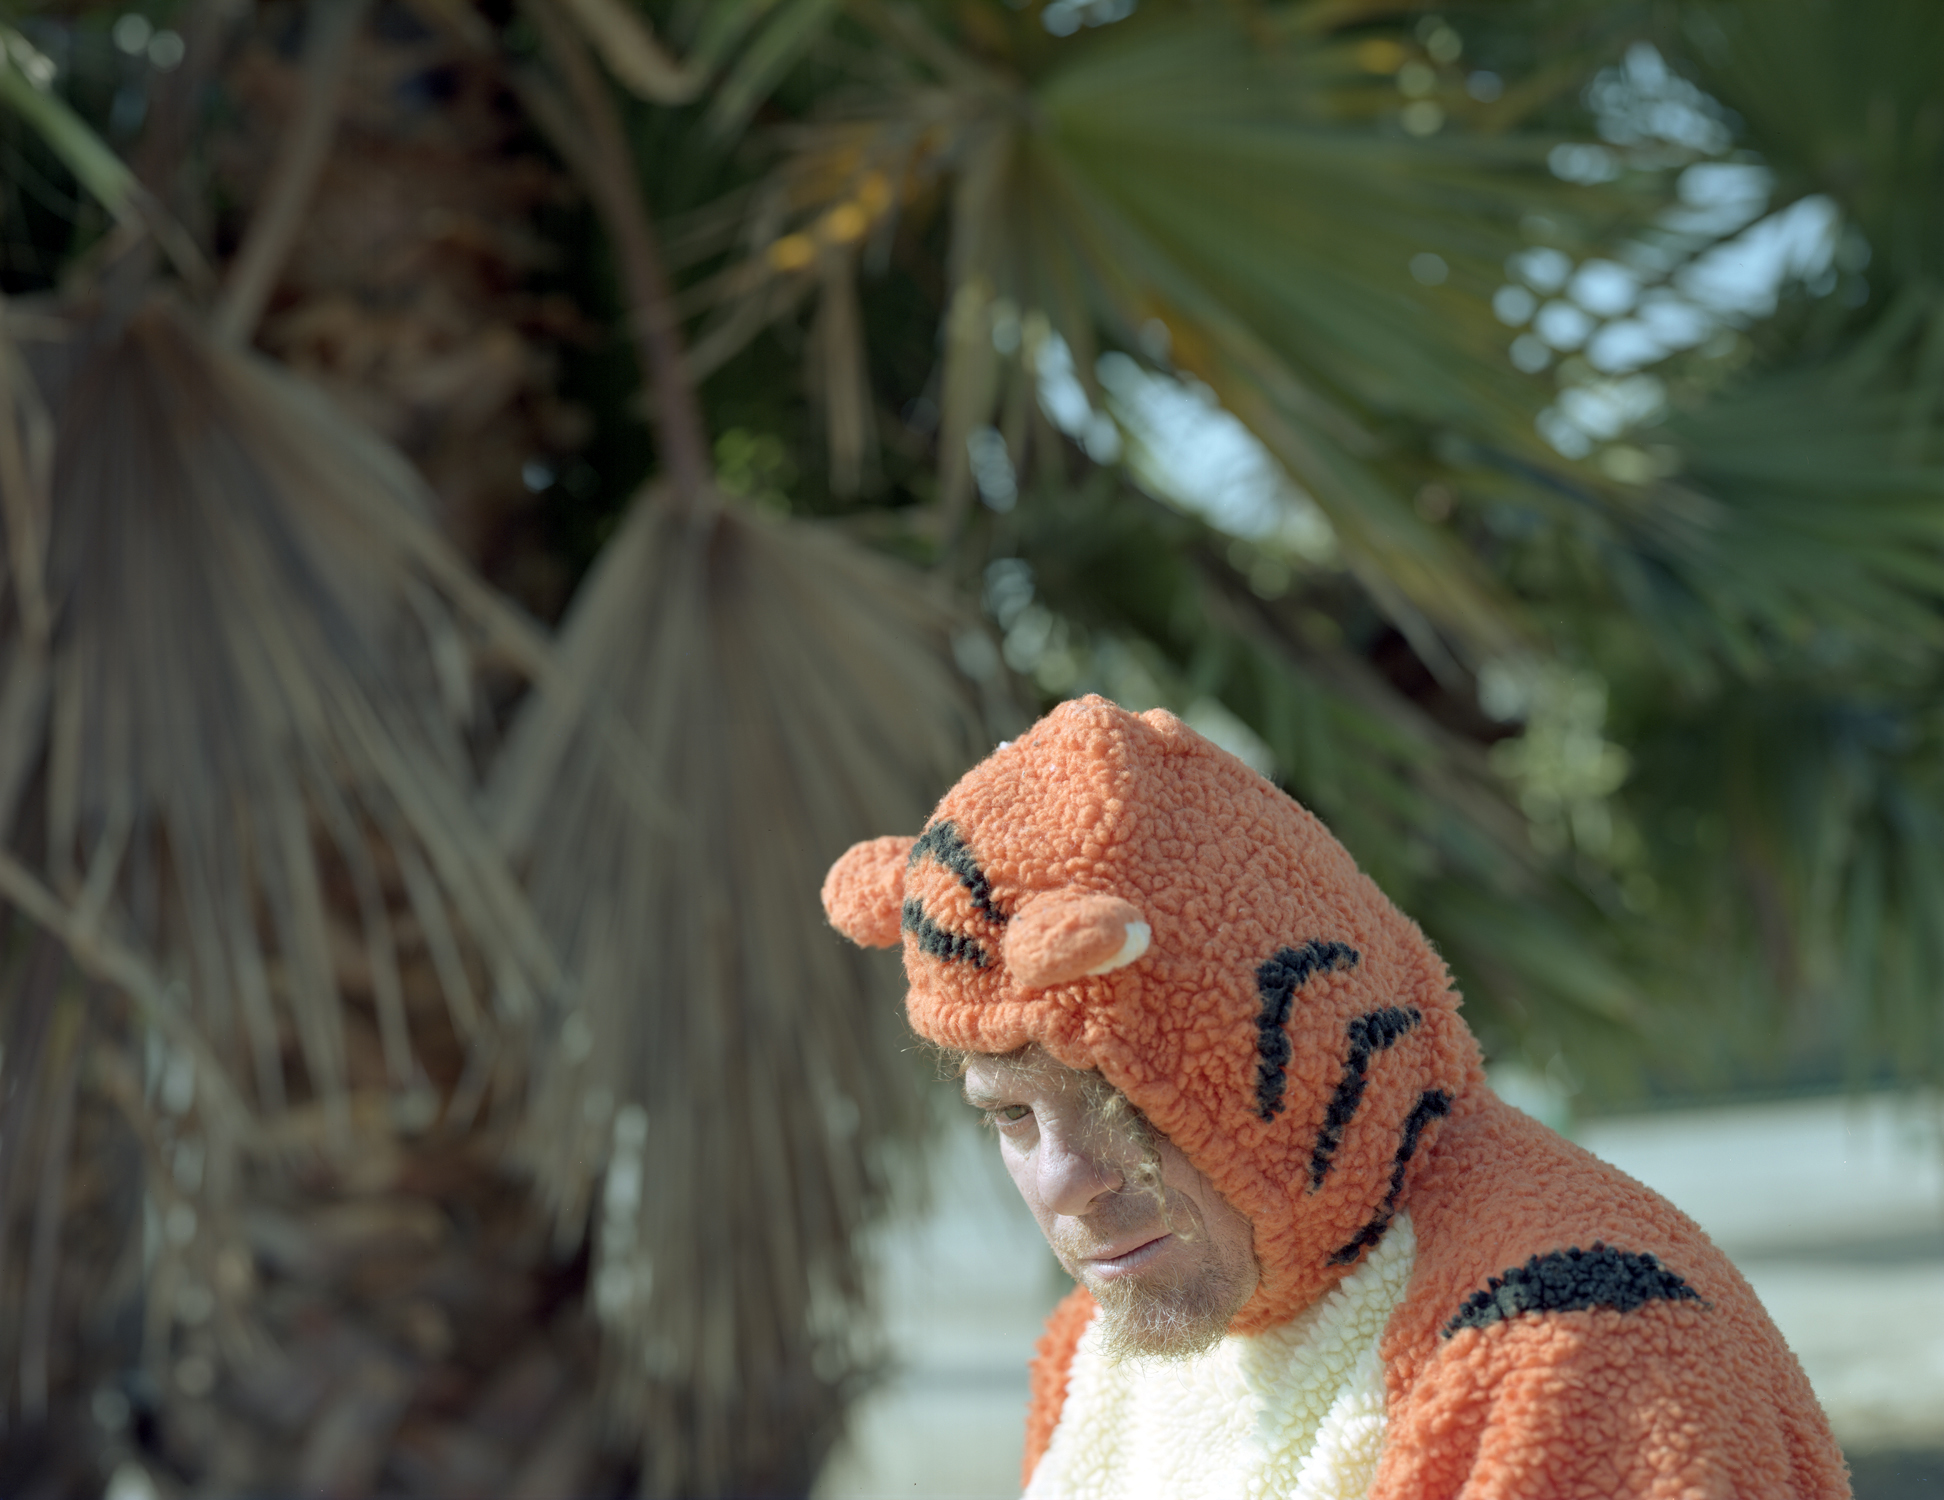 Todd Tiger, Echo Park, L.A.